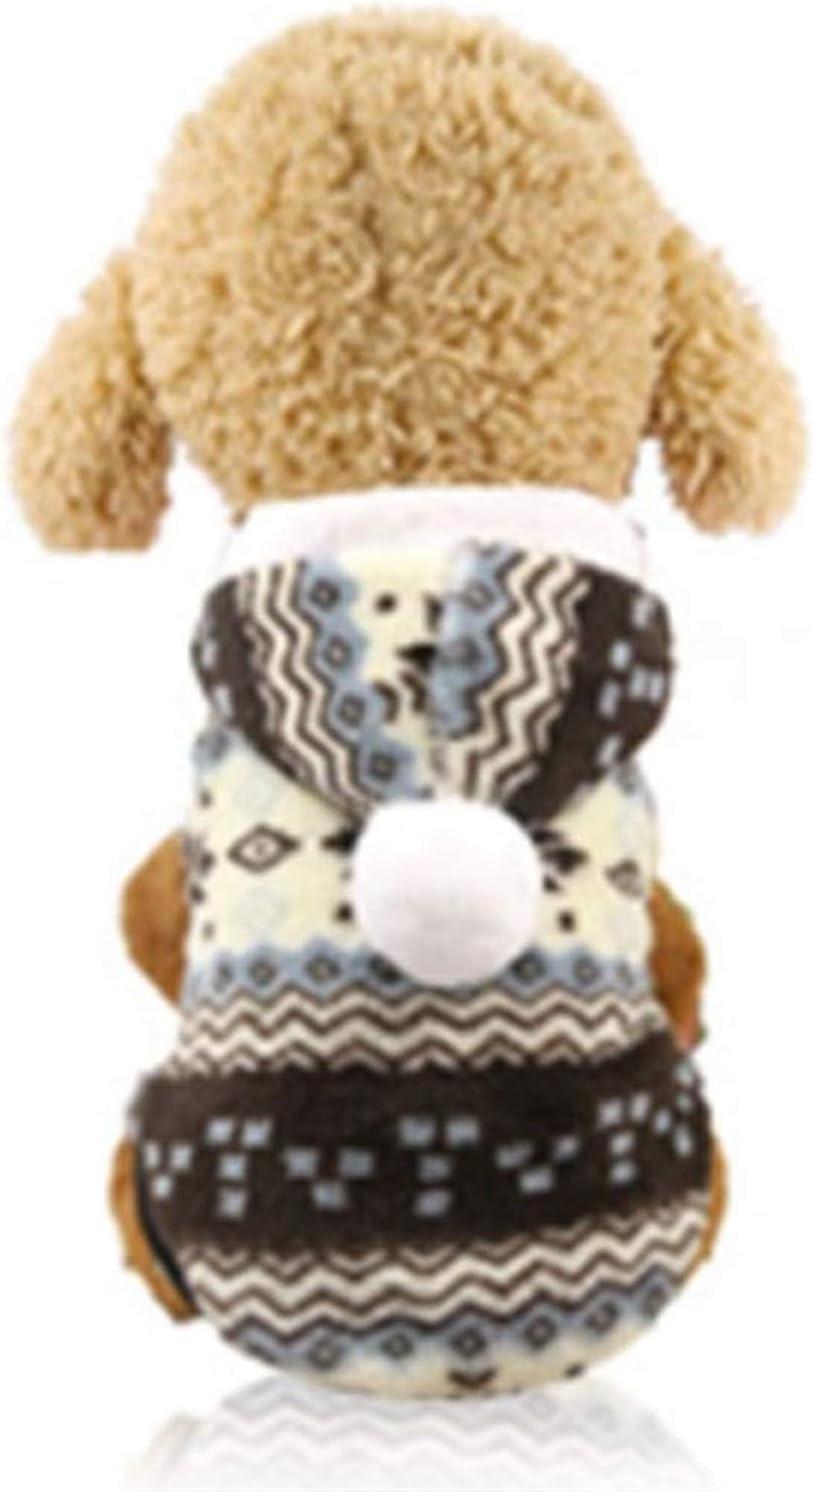 YANGDONG Sale Dog Pajamas Winter Christmas Max 47% OFF Clothing Pet So